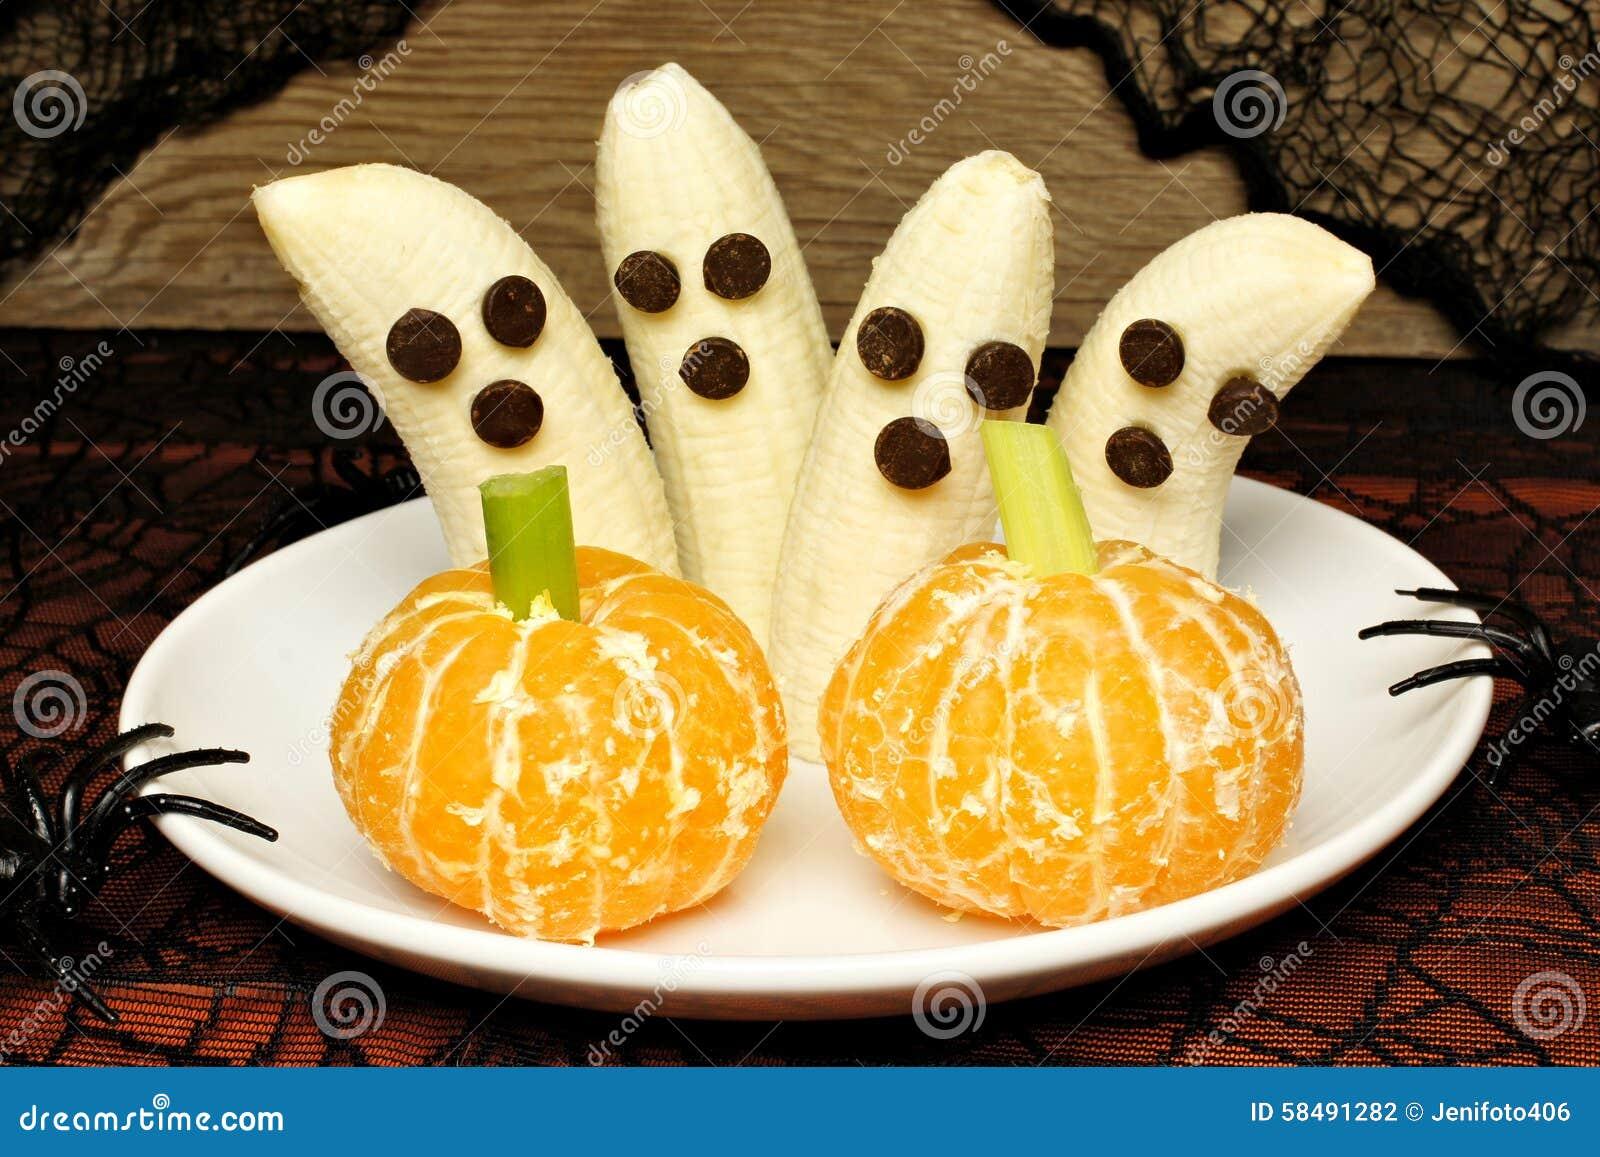 Υγιή φαντάσματα μπανανών αποκριών και πορτοκαλιές κολοκύθες